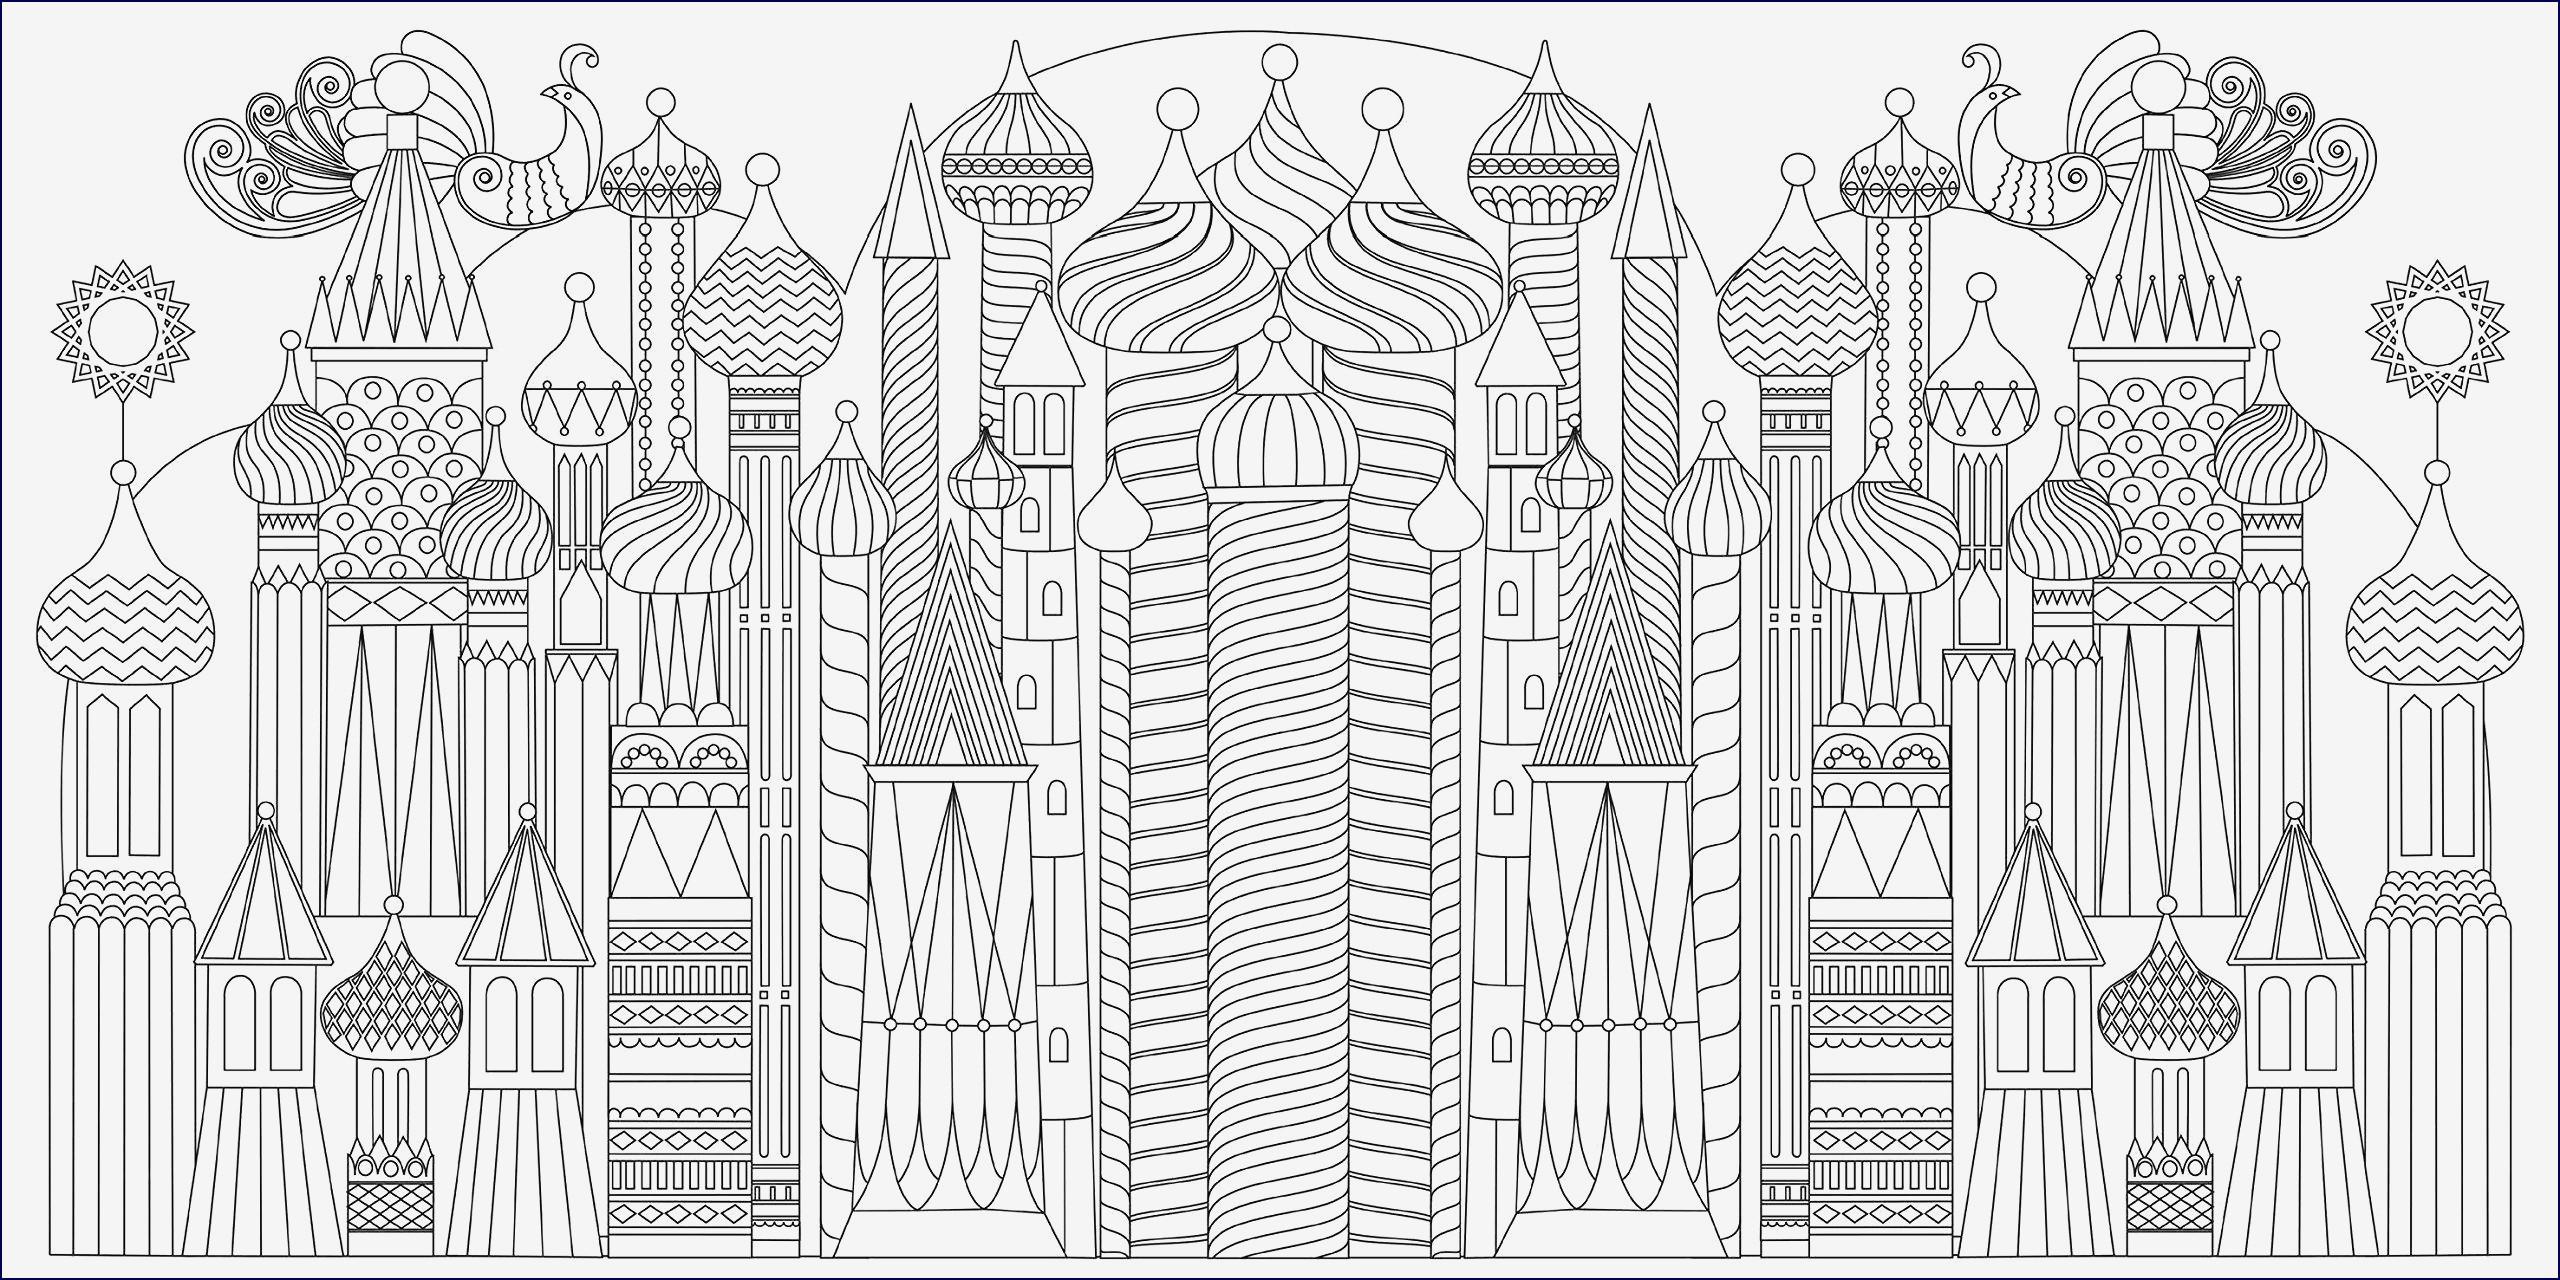 Ausmalbild Nexo Knights Das Beste Von Ausmalbild Lego Nexo Knights Nouveau Collection Ausmalbilder Lego Bilder